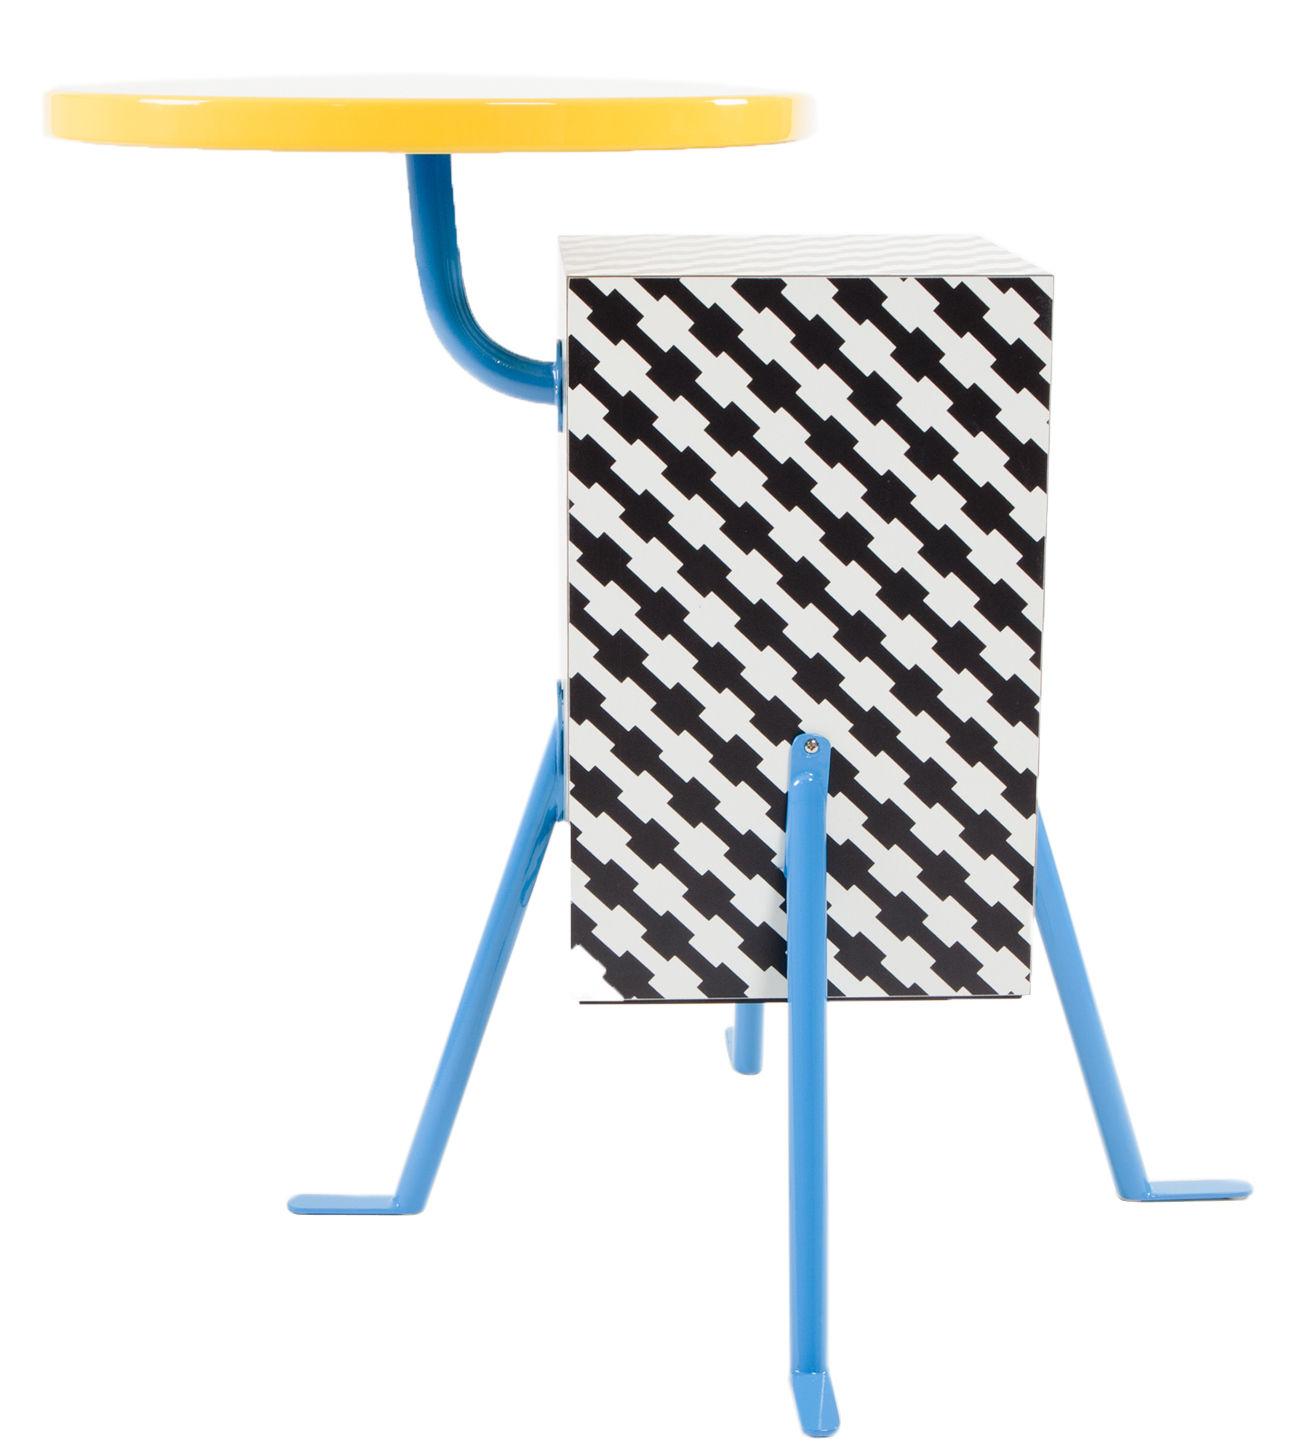 Arredamento - Tavolini  - Tavolino d'appoggio Kristall - by Michele De Lucchi / 1981 di Memphis Milano - Multicolore - Laminé plastique, Legno laccato, metallo laccato